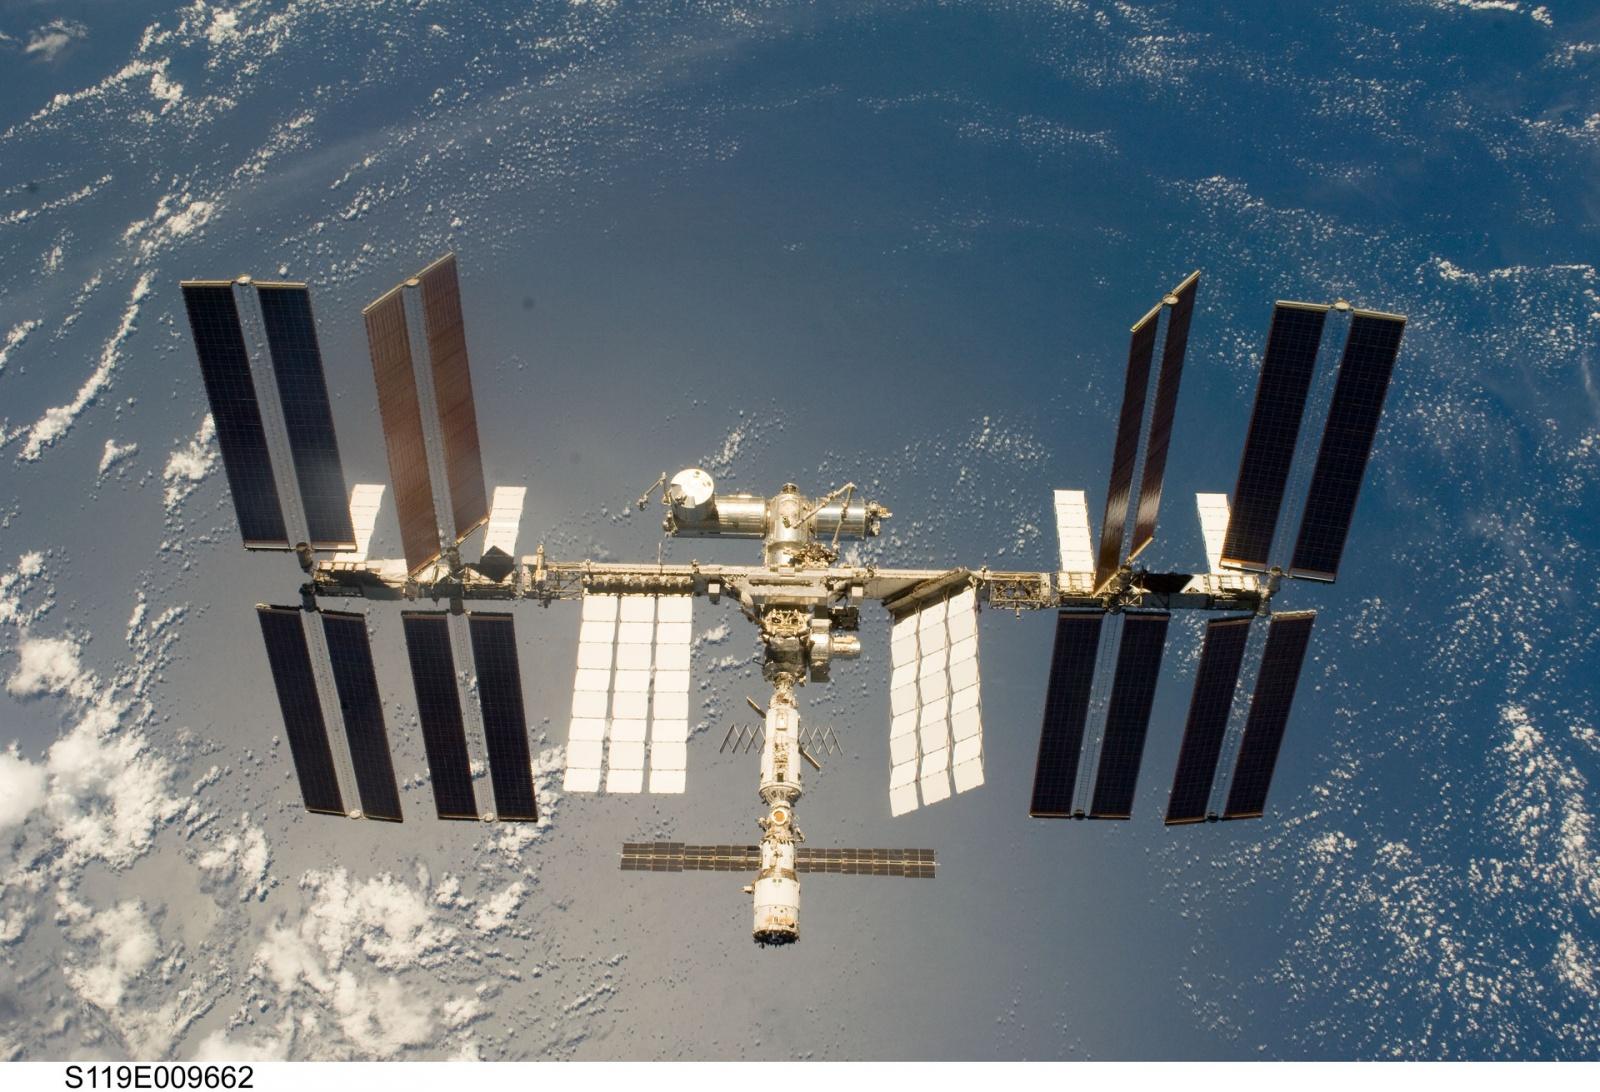 Самые интересные события космонавтики и астрономии за неделю (28.03-05.04) - 8